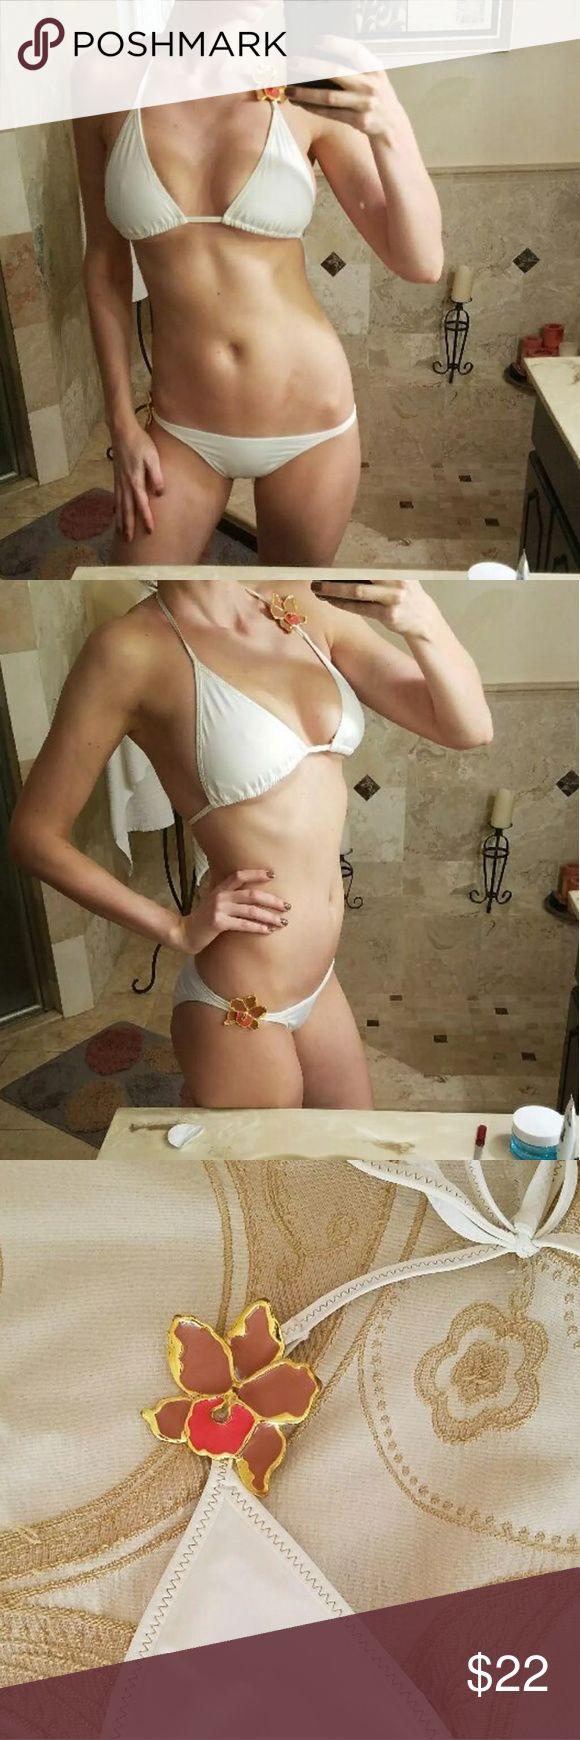 Victoria's secret bikini M and S Top size M, bottoms size S Victoria's Secret Swim Bikinis